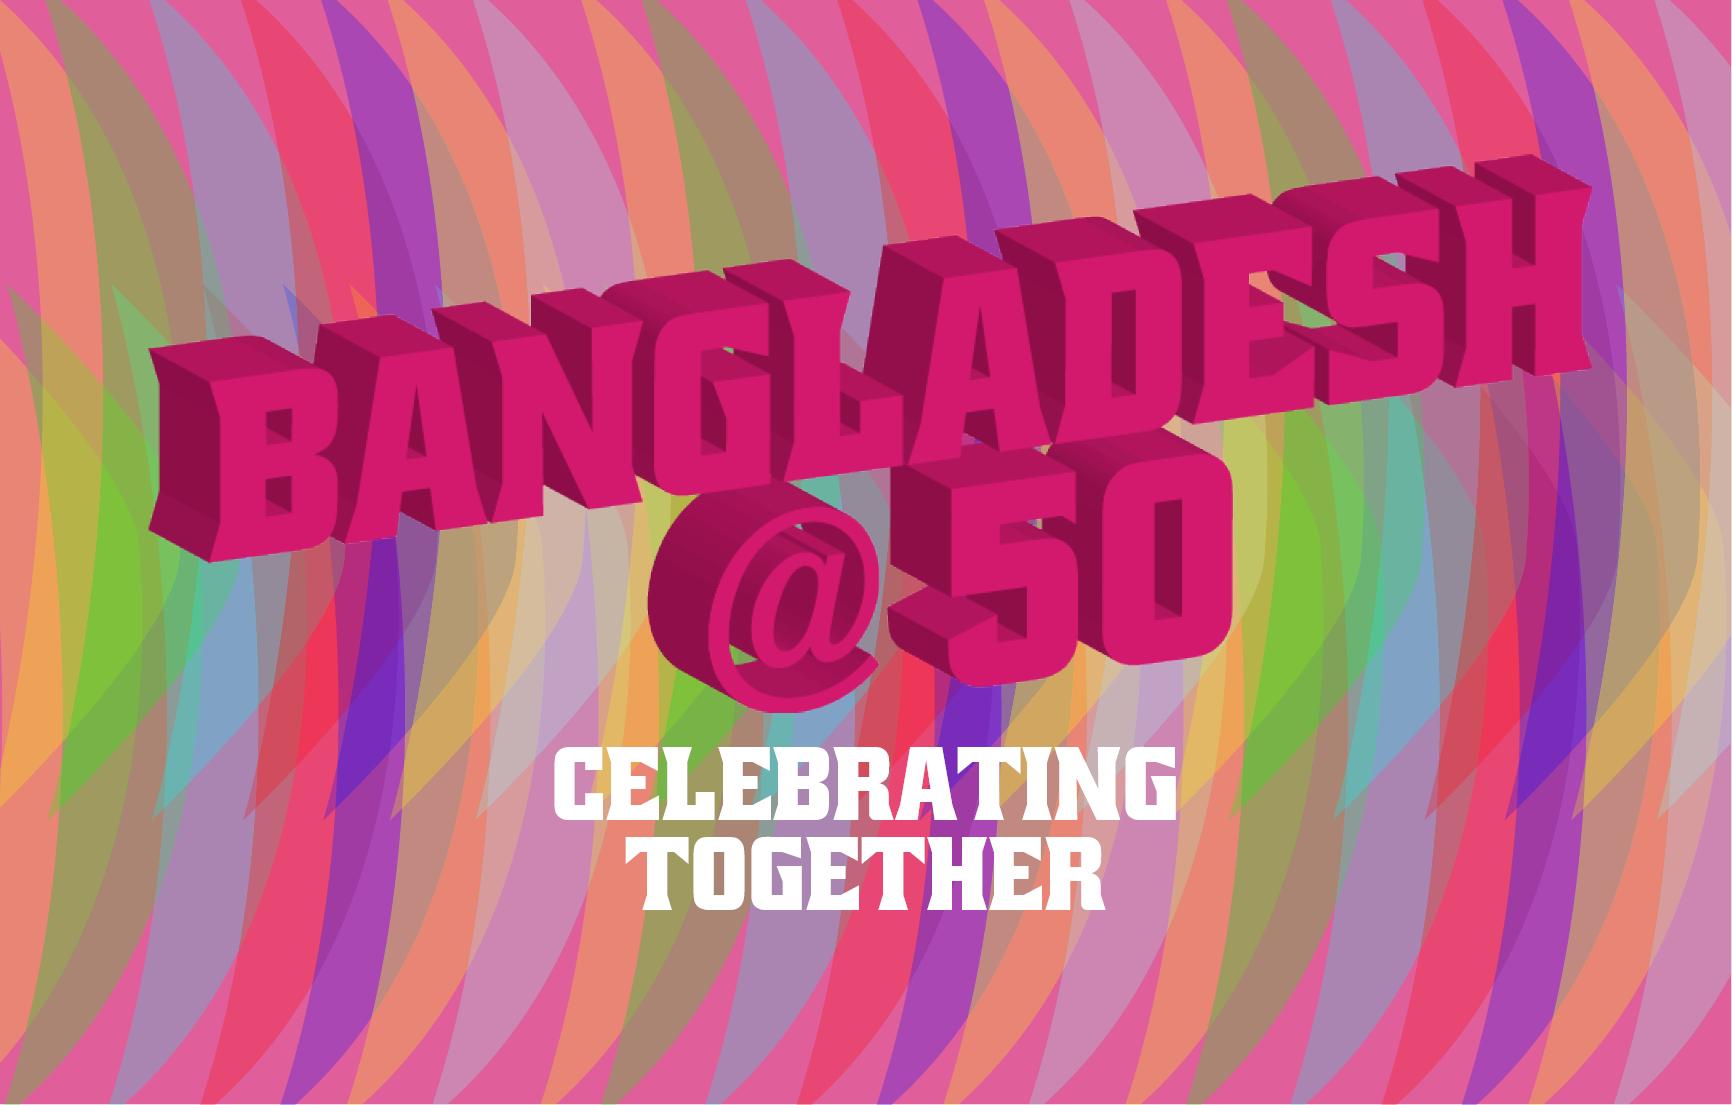 Bangladesh 50 at MAC